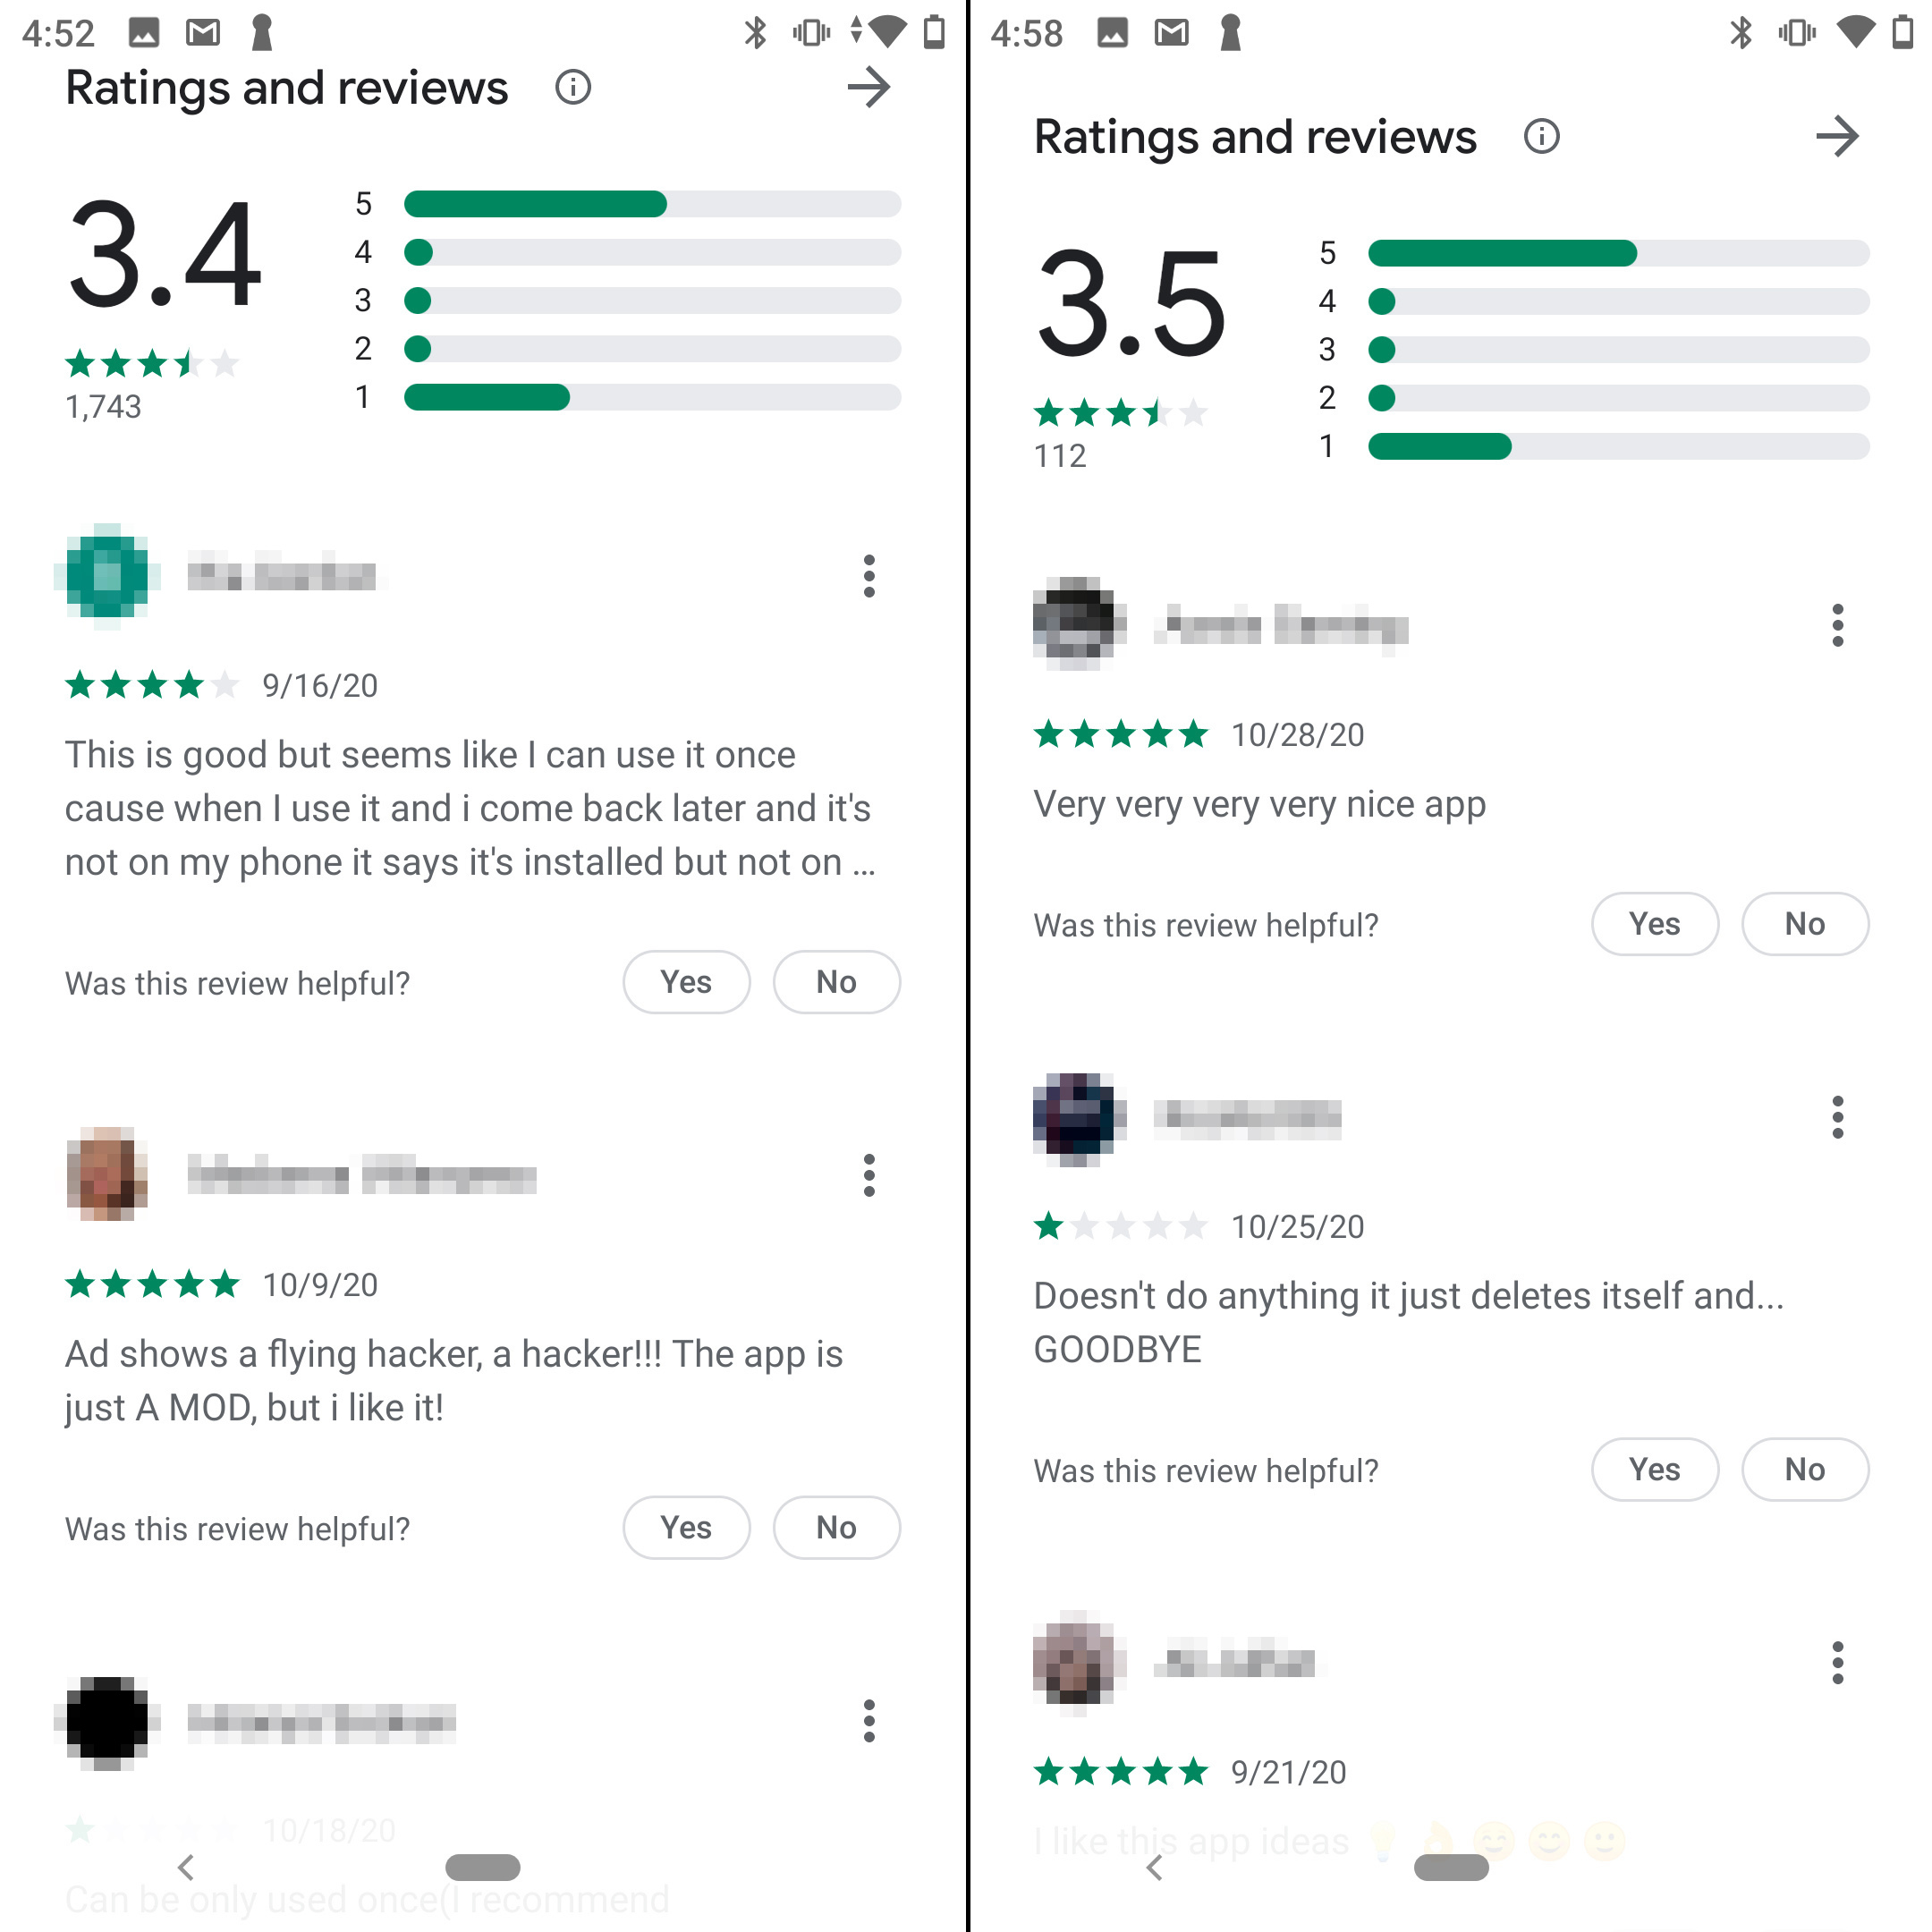 評価が星5つと1つに割れているアプリ。怪しい!